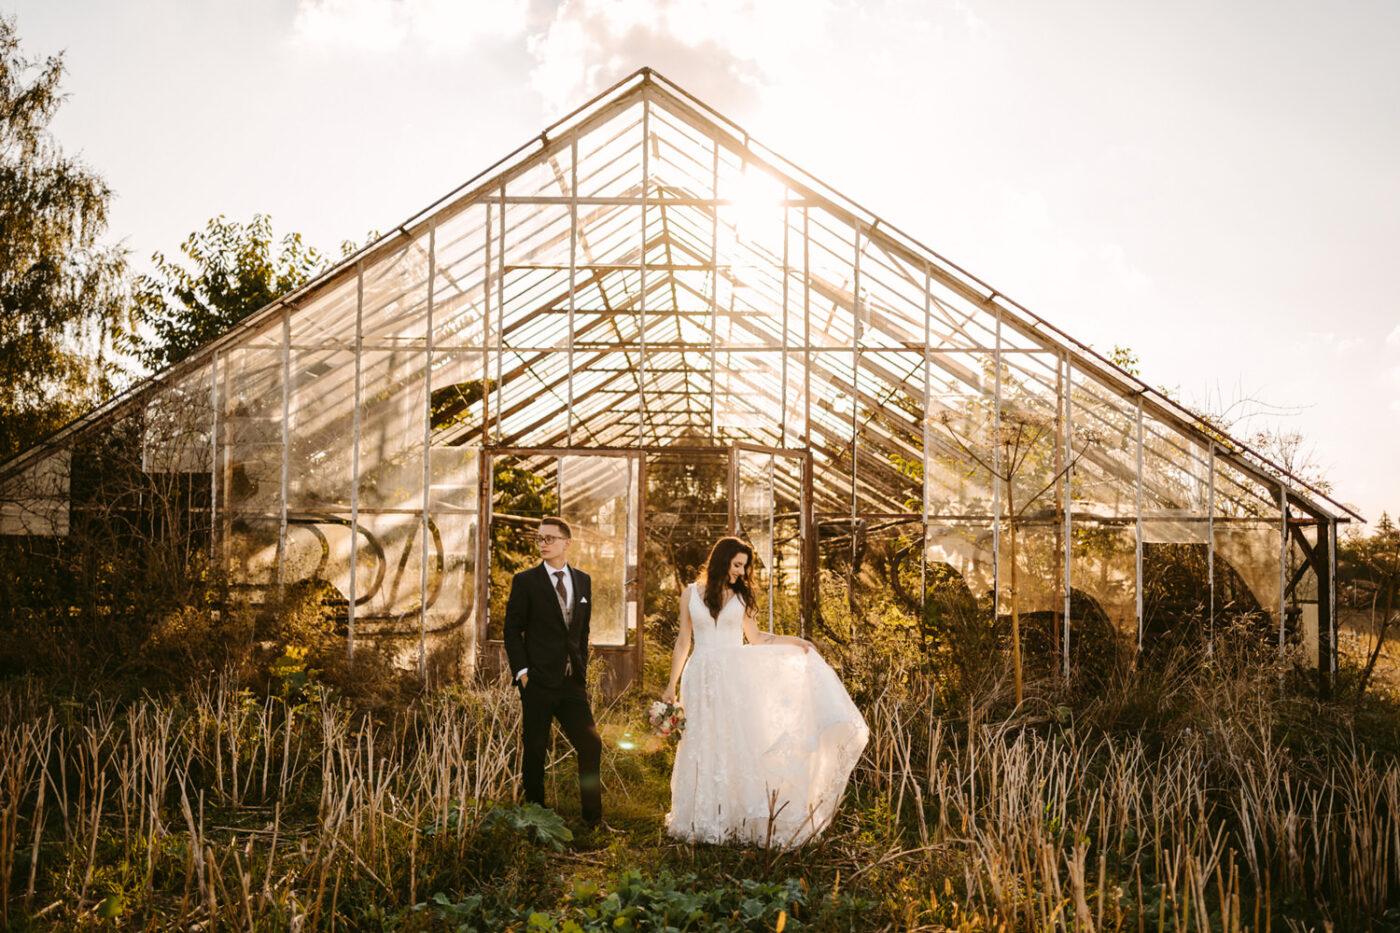 sesja w szklarni, fotograf ślubny kraków, fotografia ślubna kraków, Just Married Fotografia Ślubna